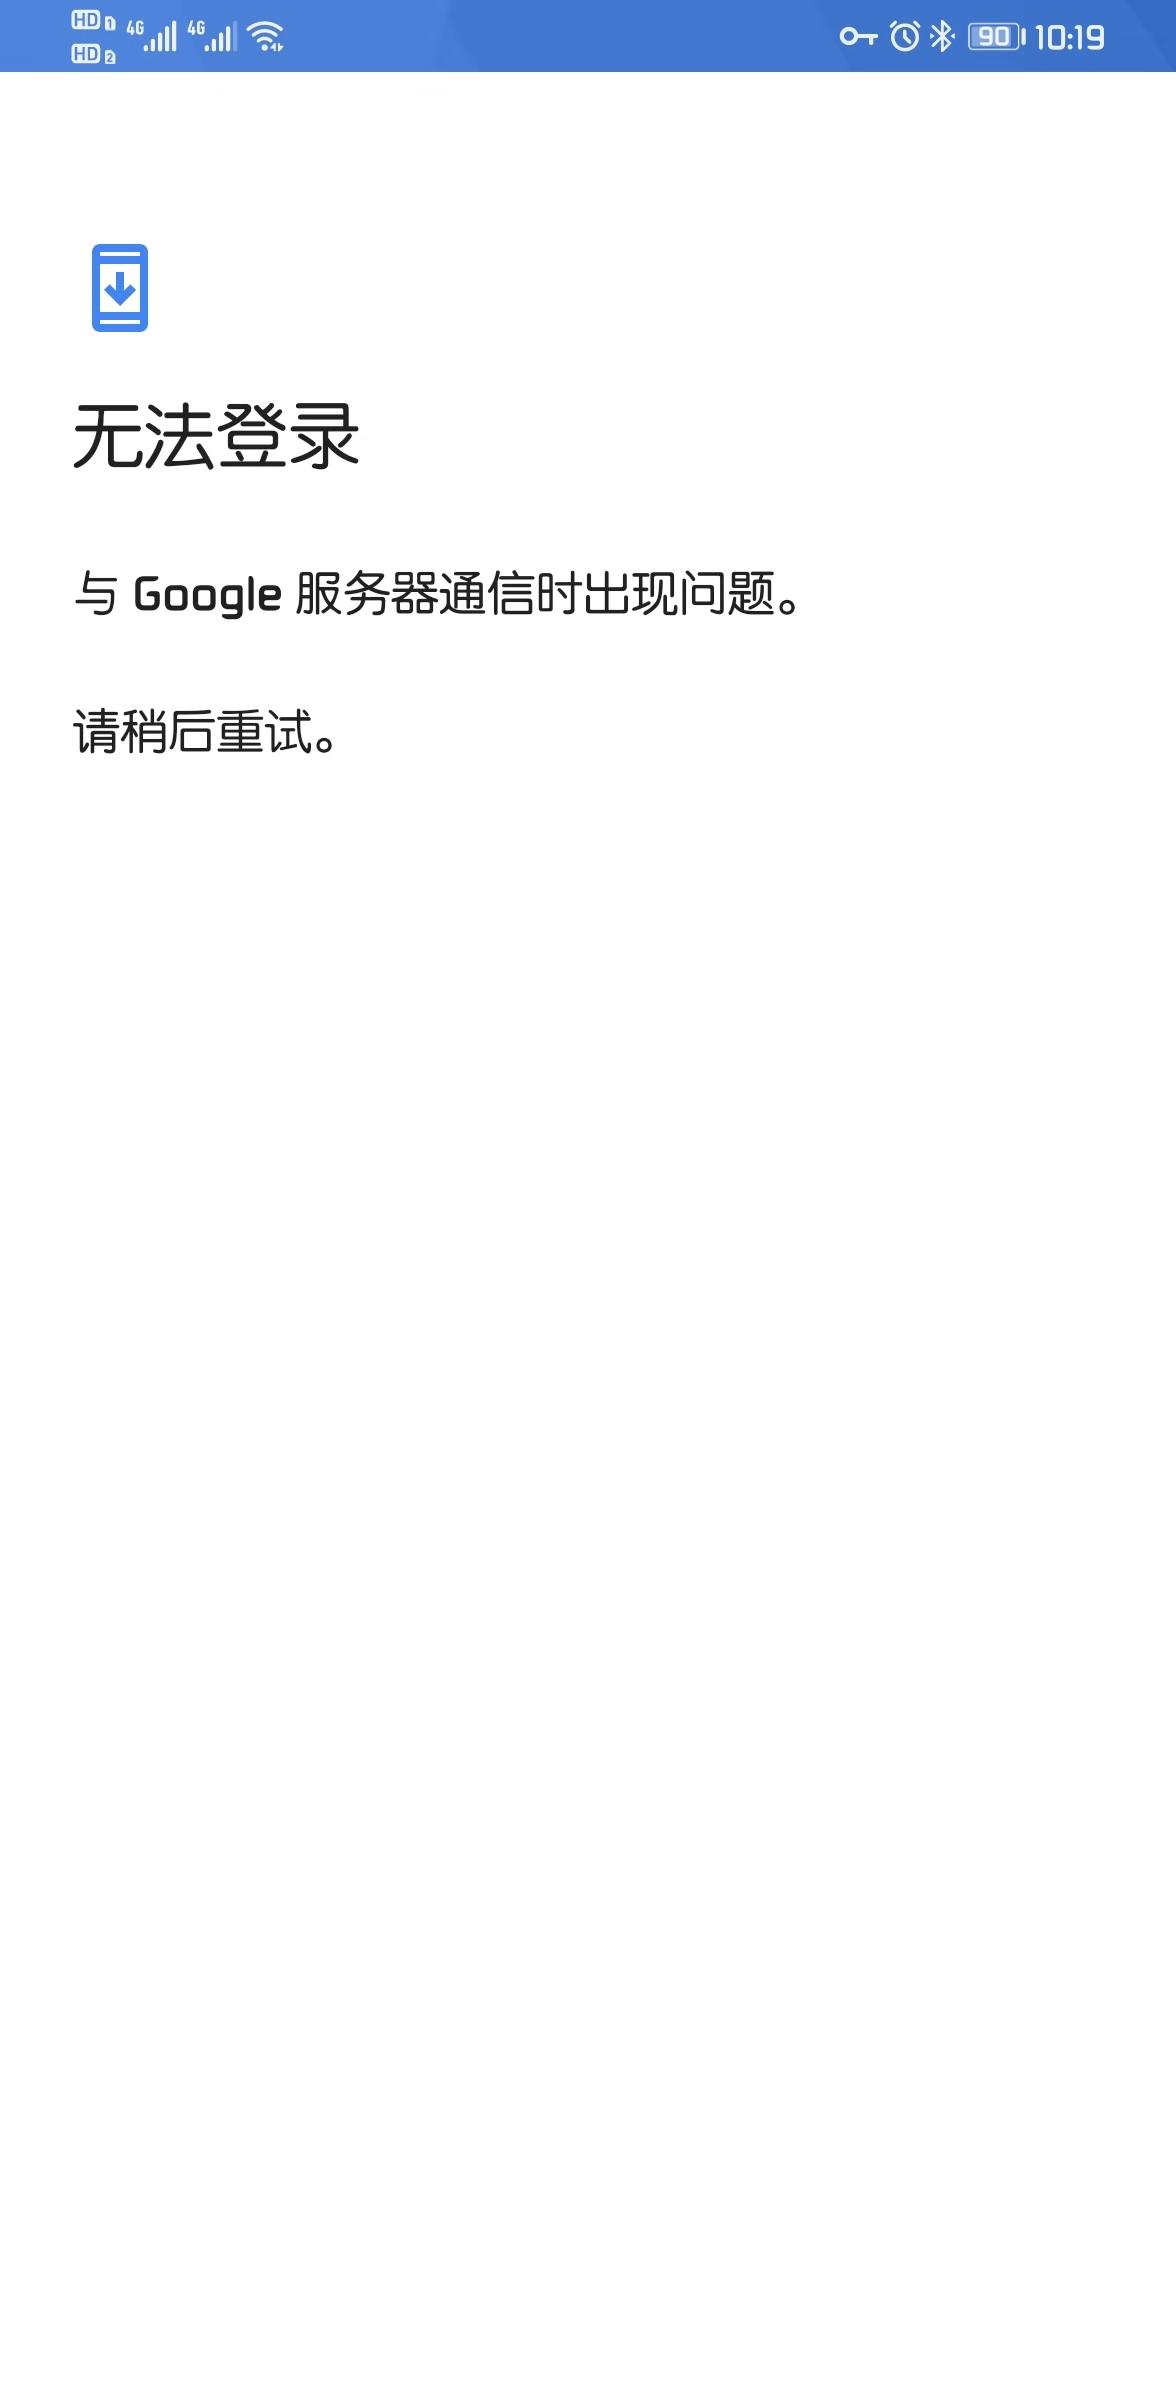 微信图片_20200123102027.jpg